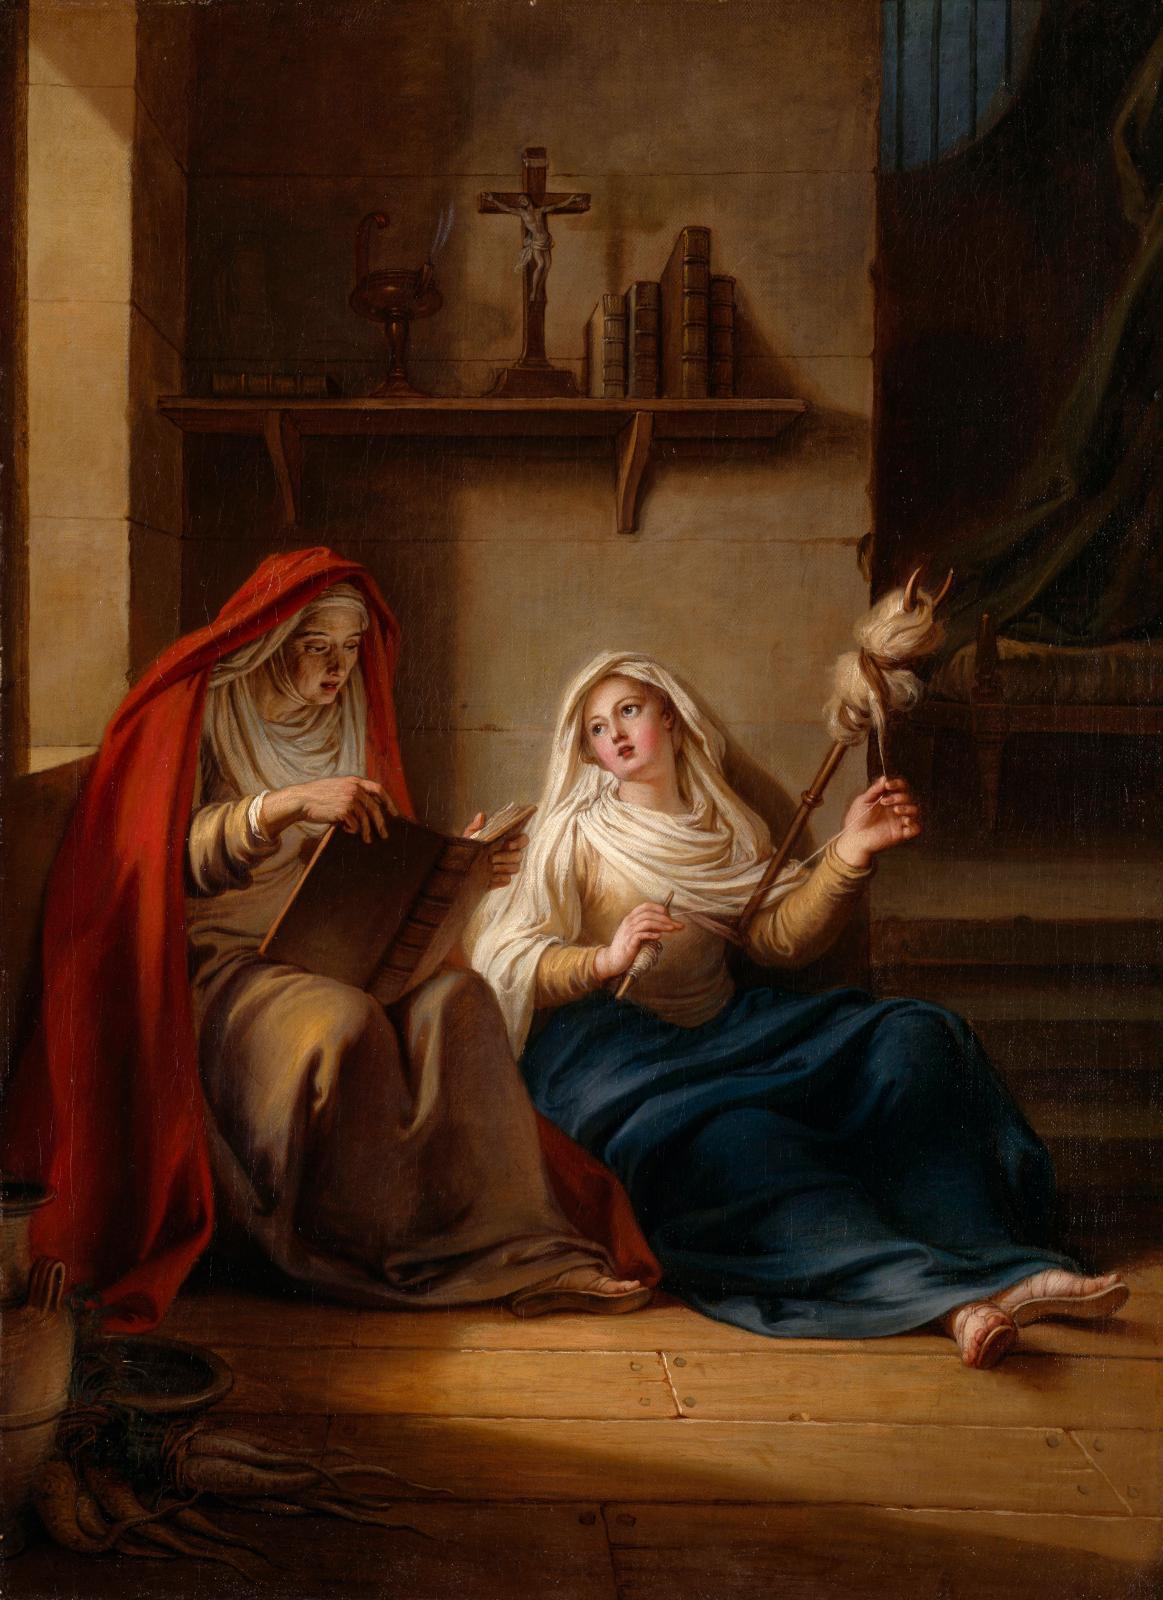 Sainte Piame et sa mère dans un village d'Égypte, 1747, huile sur toile, 106x77cm.